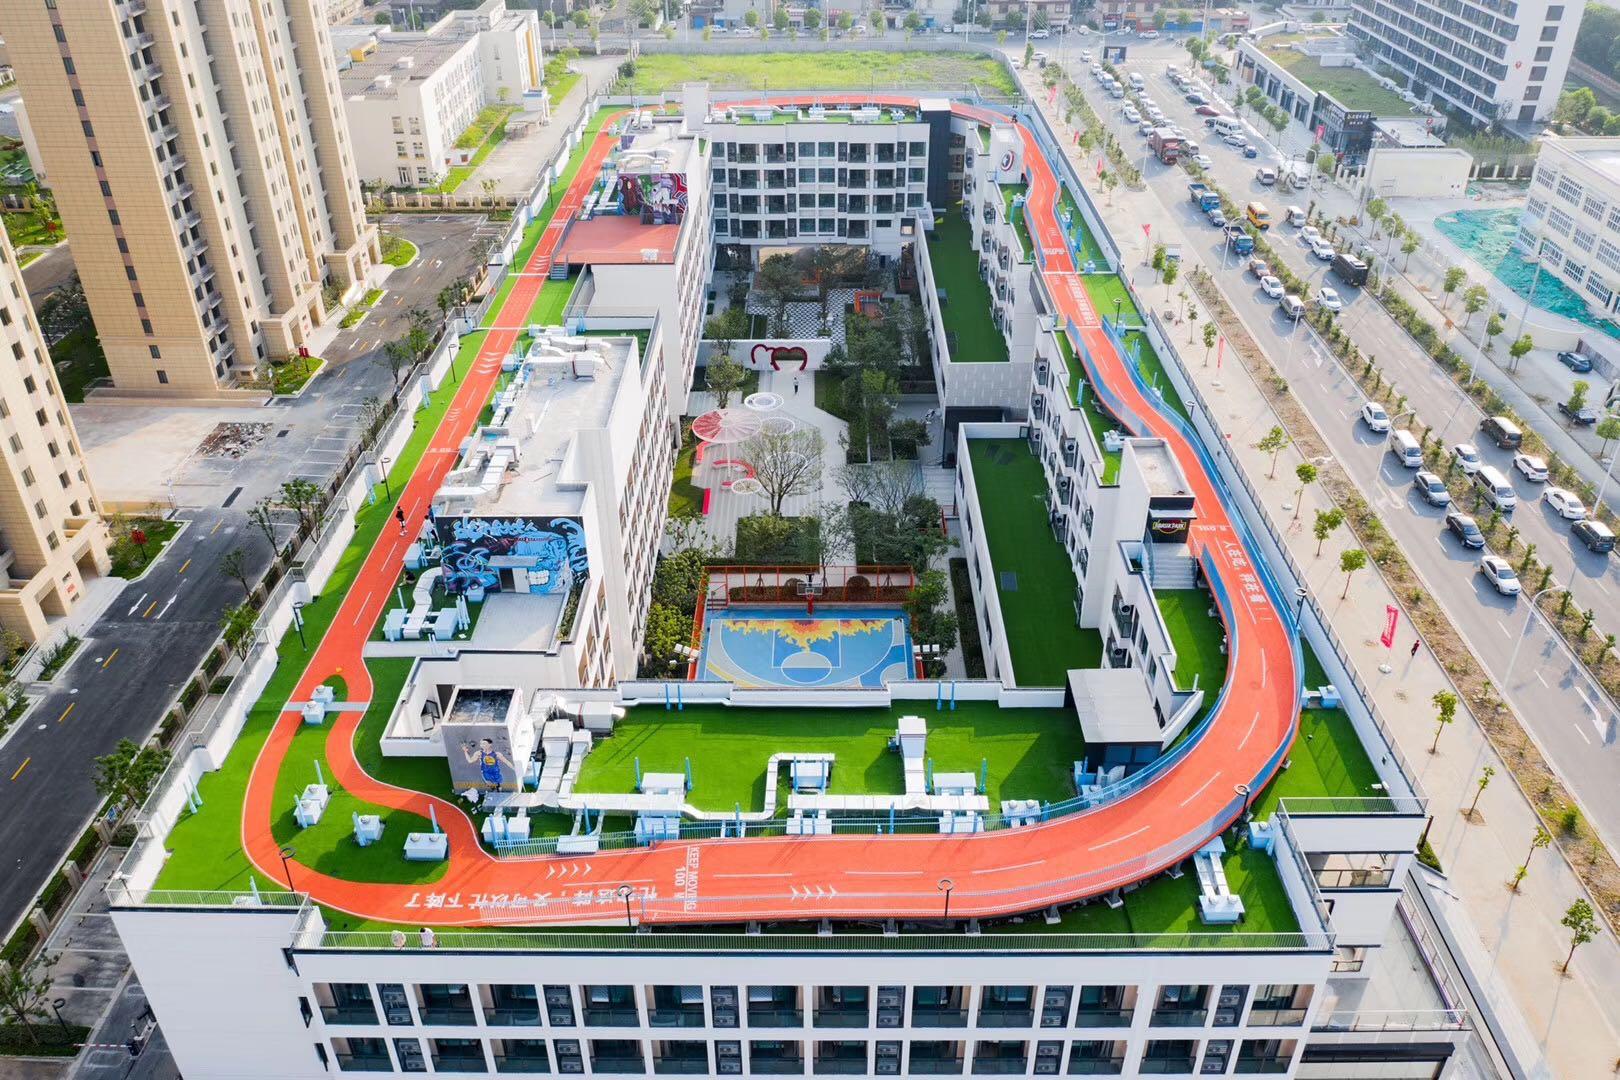 上海市嘉定区龙湖冠寓顶楼十博